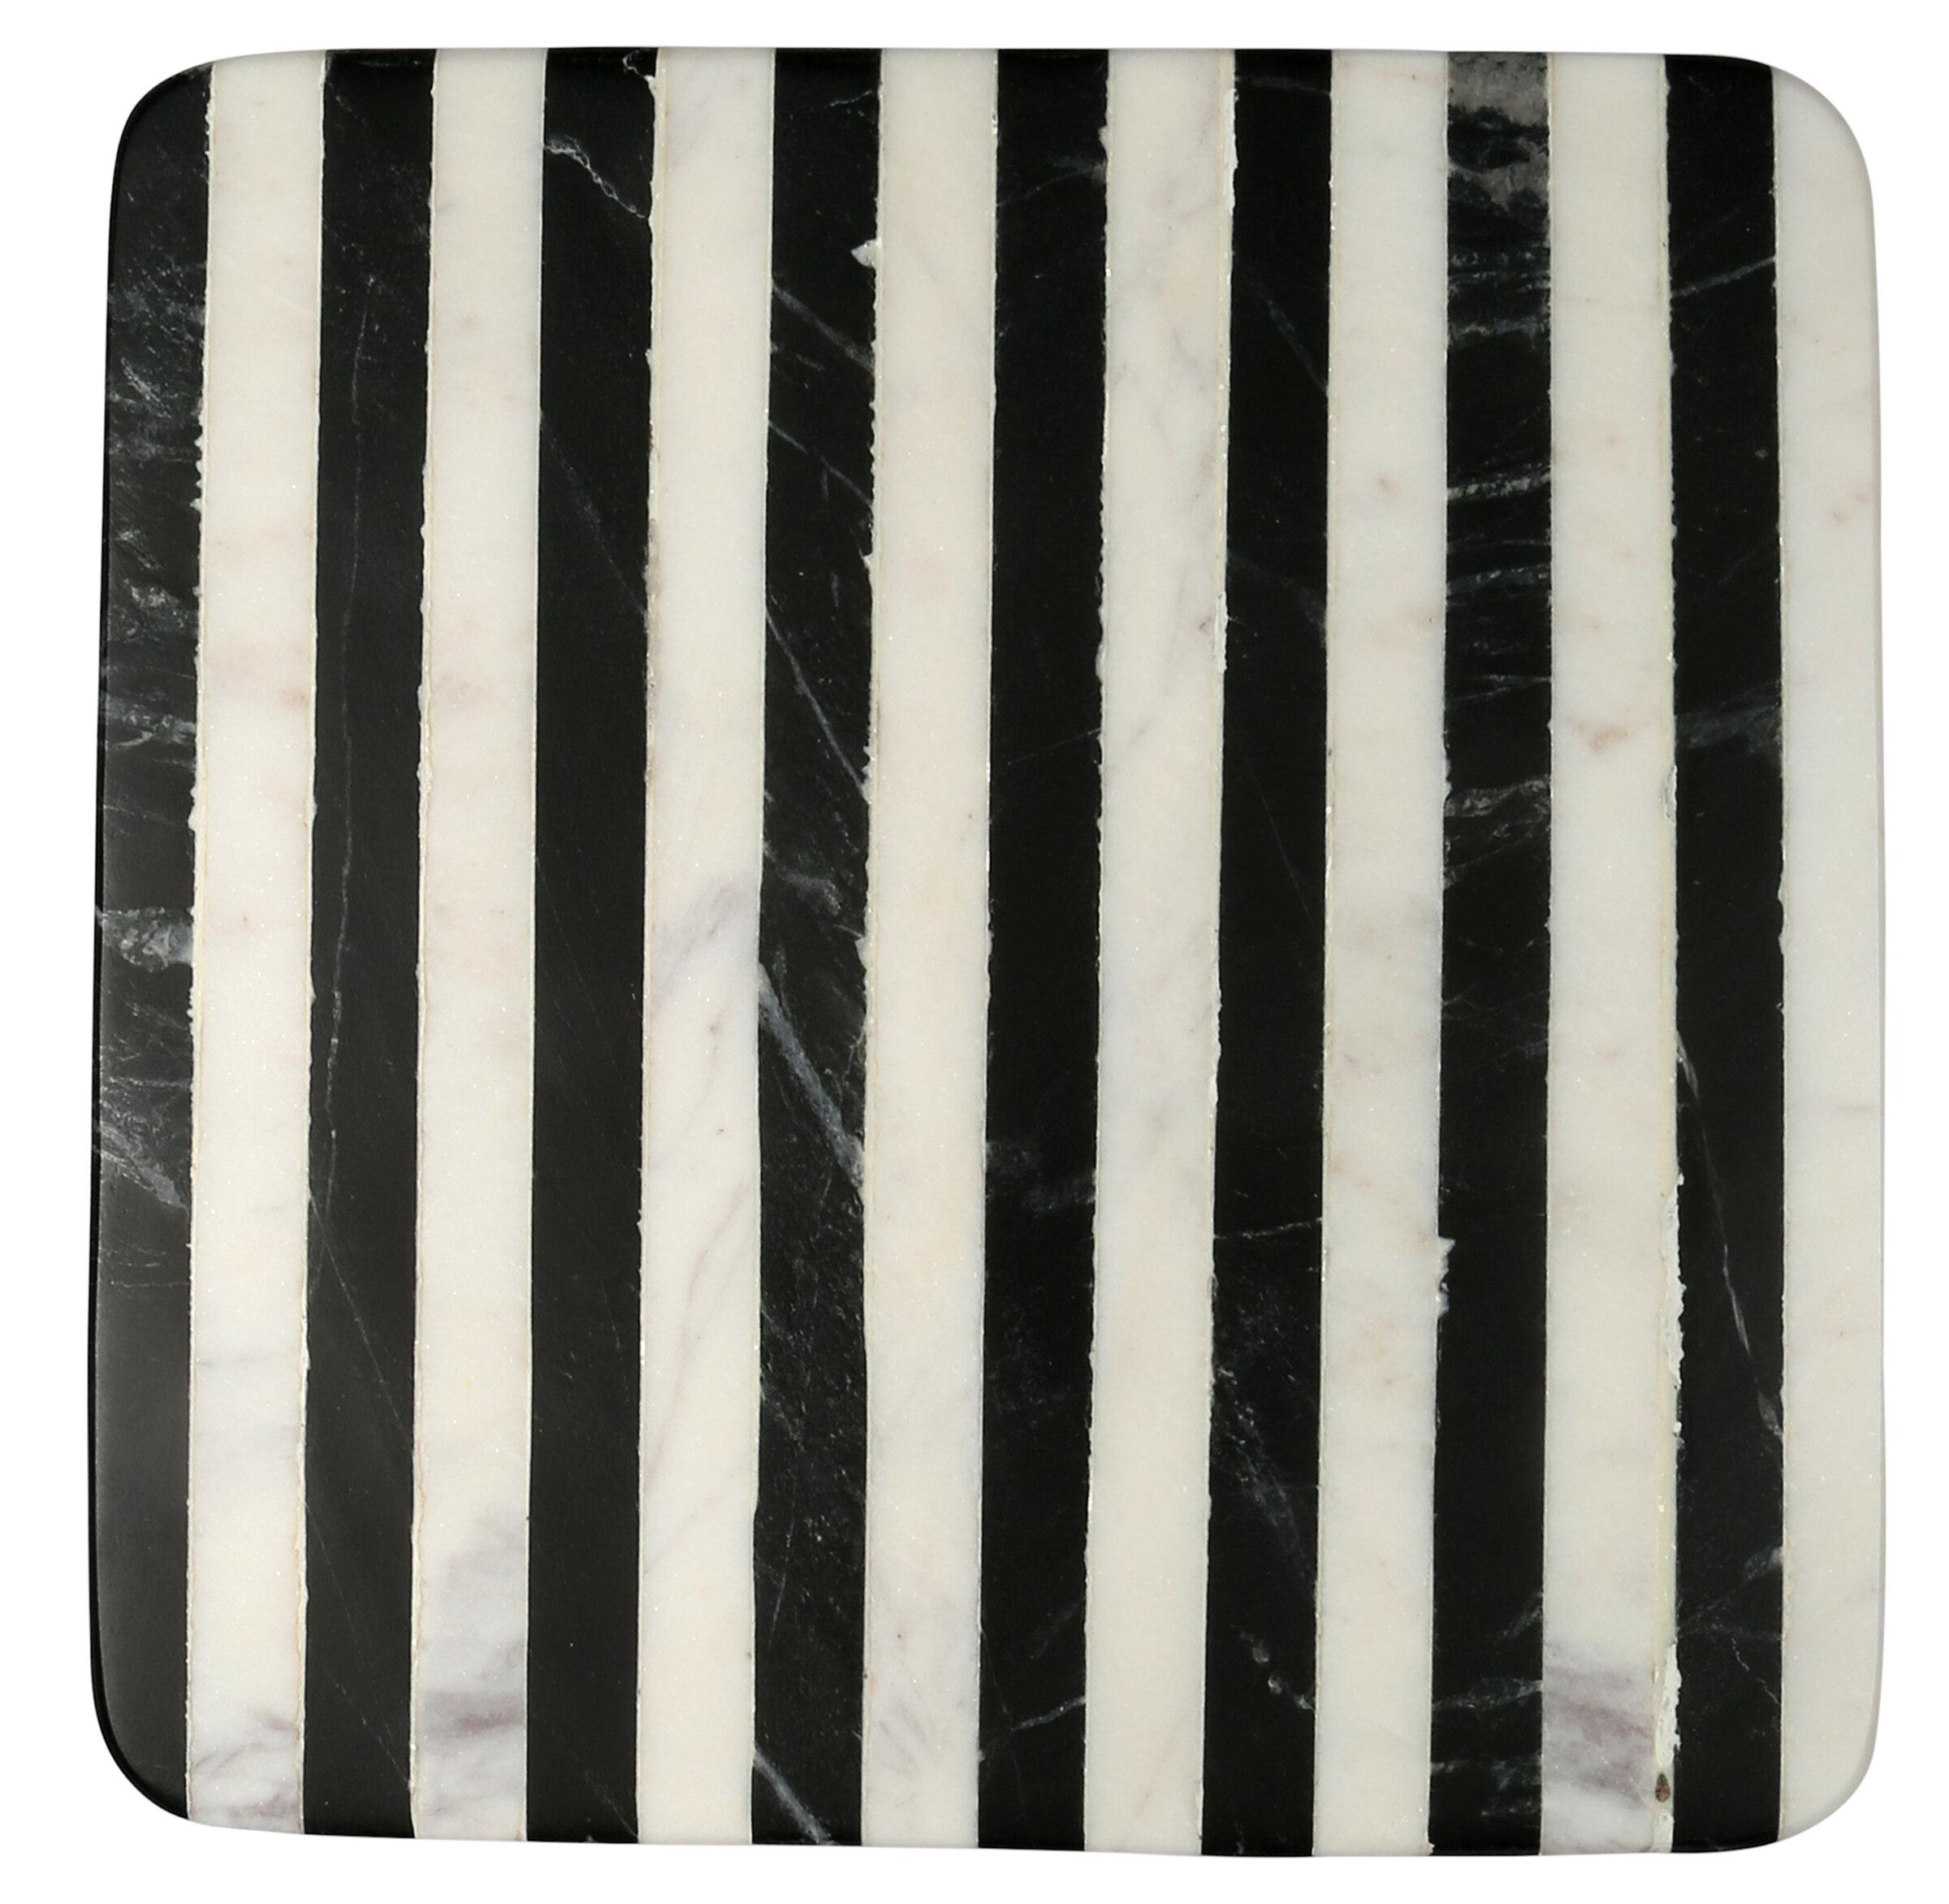 Mercer41 Providence Striped Marble Trivet Reviews Wayfair